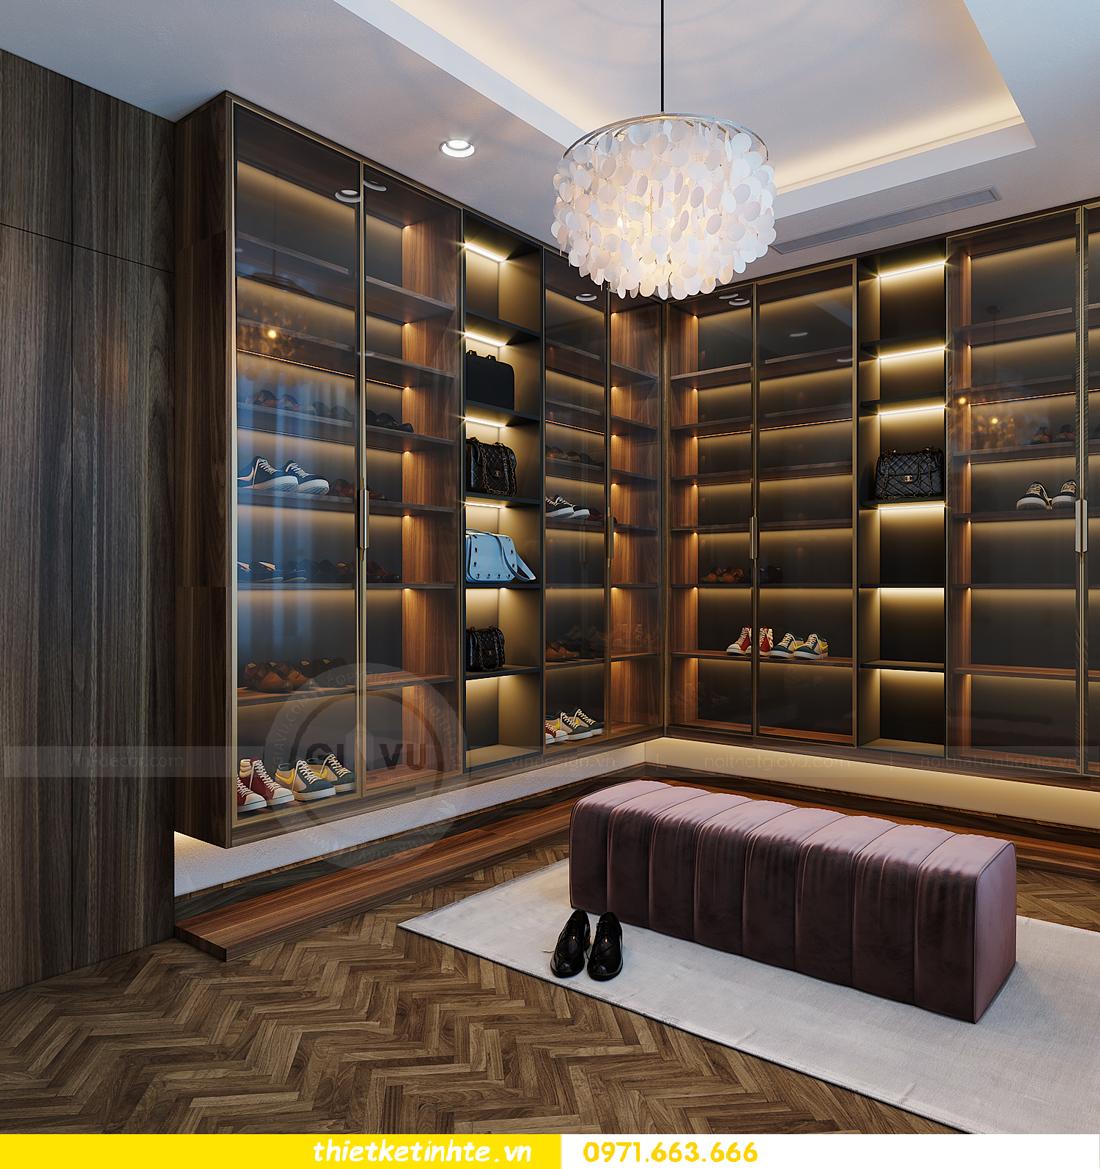 thiết kế thi công nội thất biệt thự Ngọc Trai Vinhomes Ocean Park 2